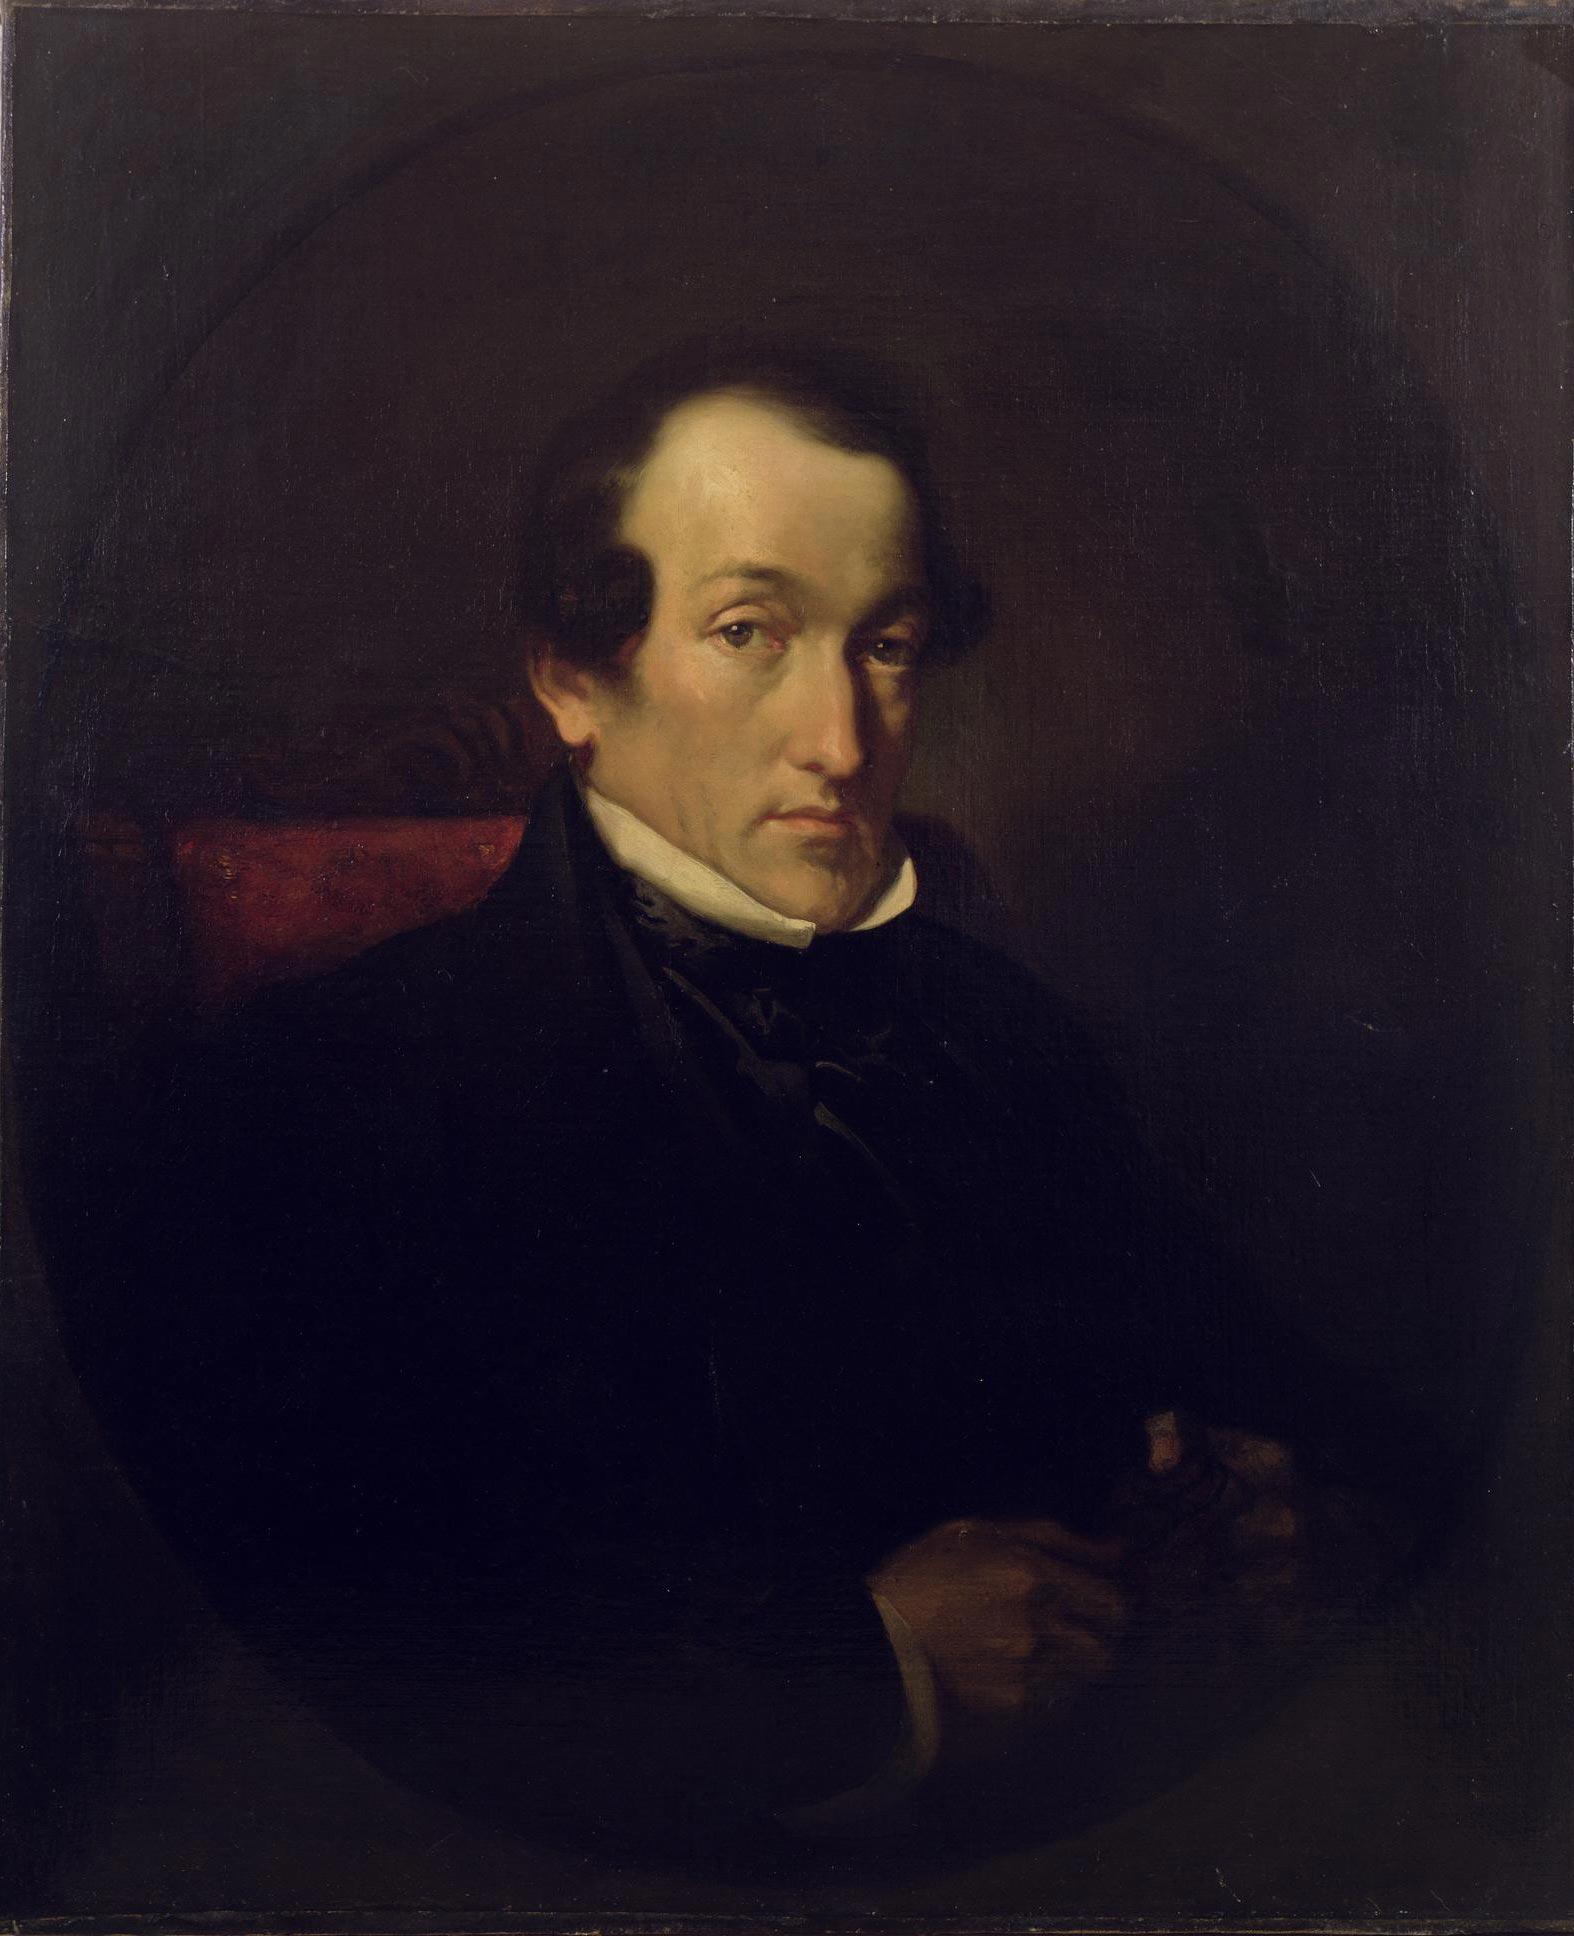 Leighton, Lord Frederick